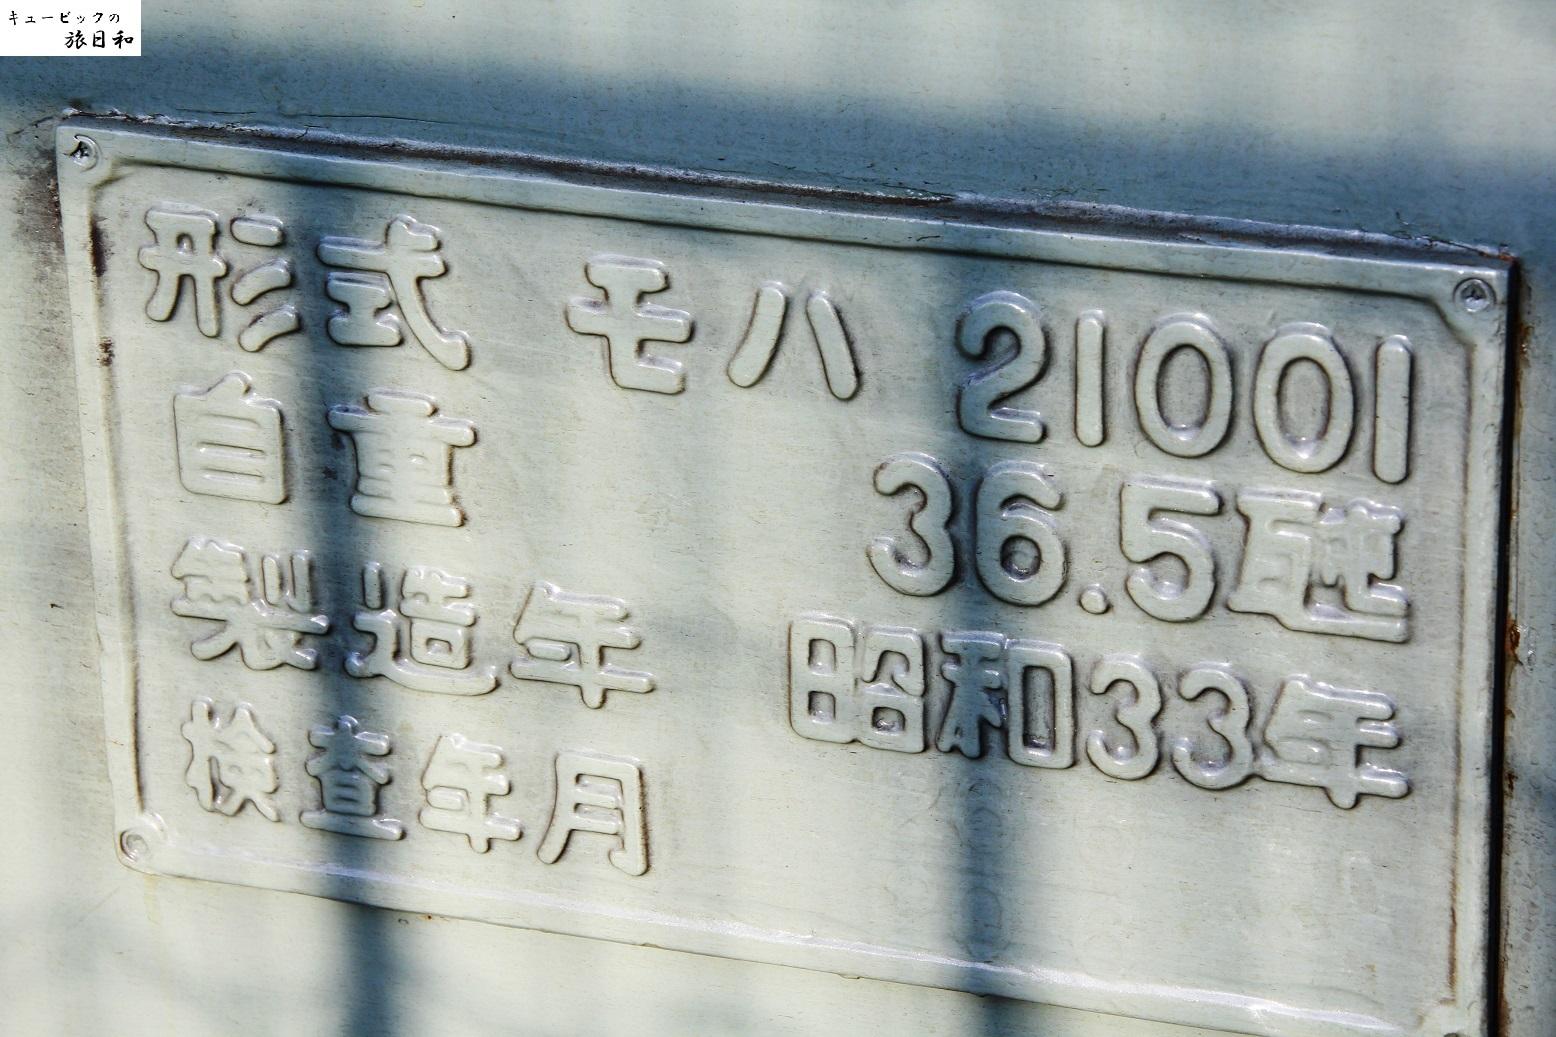 IMG_7079 - コピー